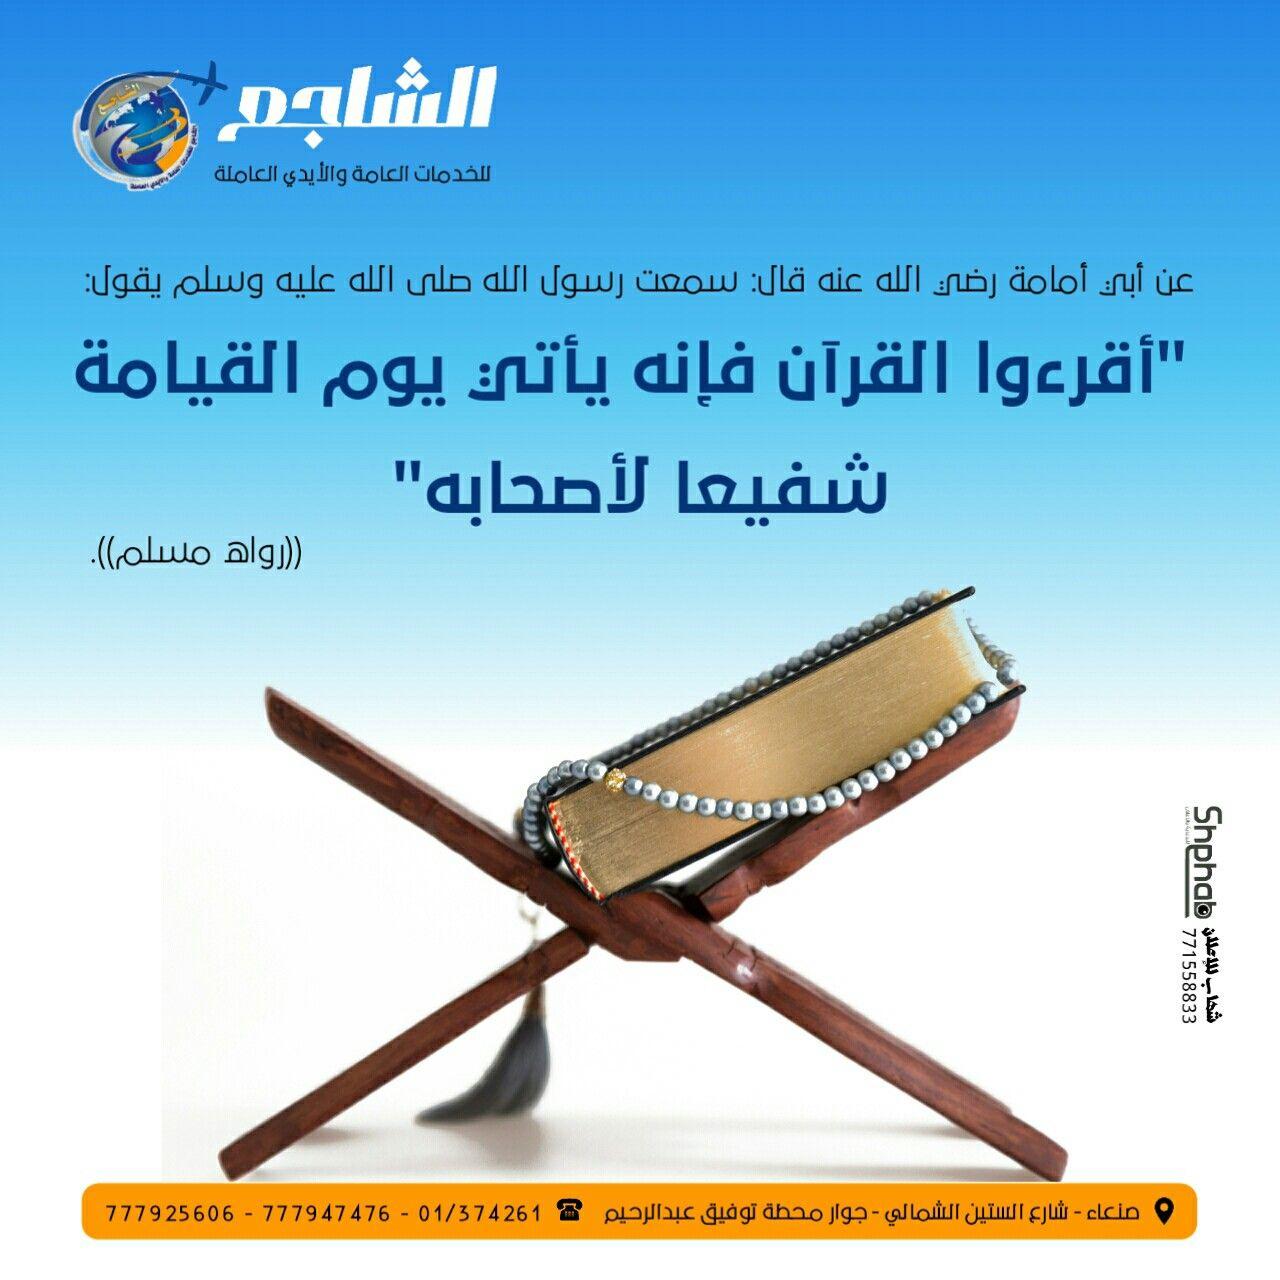 فضل قراءة القرآن Indesign Portfolio Adobe Indesign